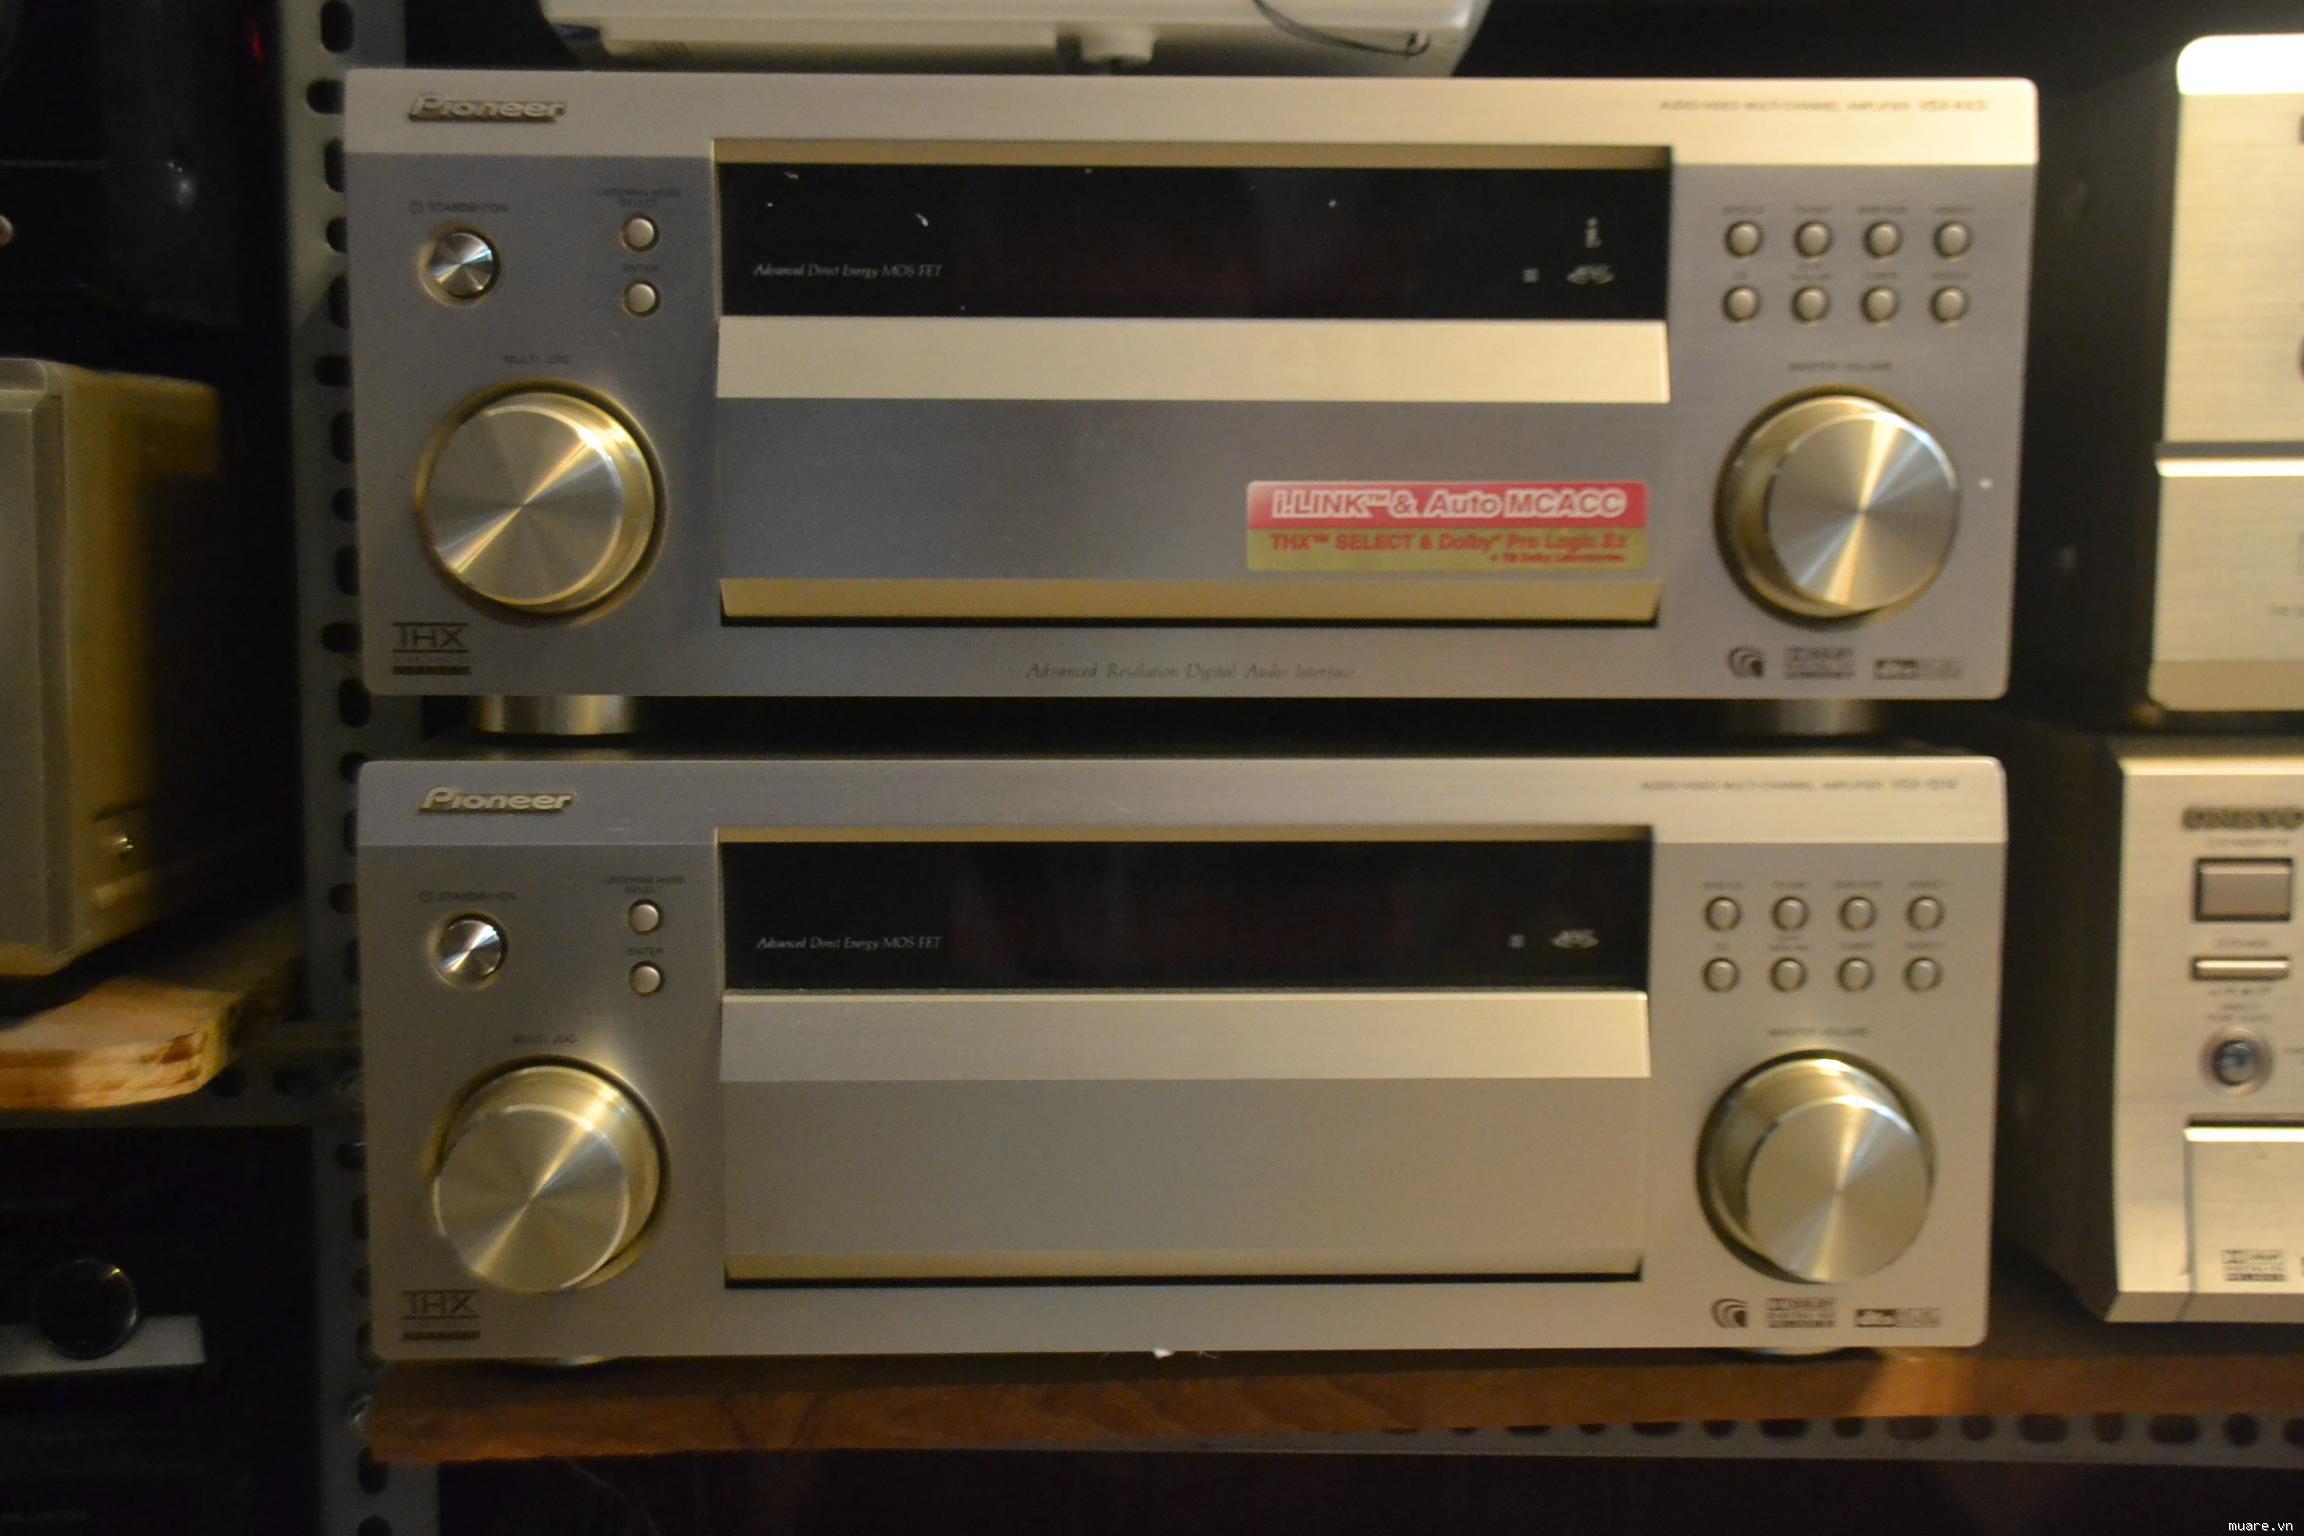 Âm thanh amply 5.1 7.1 Yamaha,Onkyo,Denon,Pioneer.Hàng dàn mini về rất nhiều hàng đẹp máy chuẩn